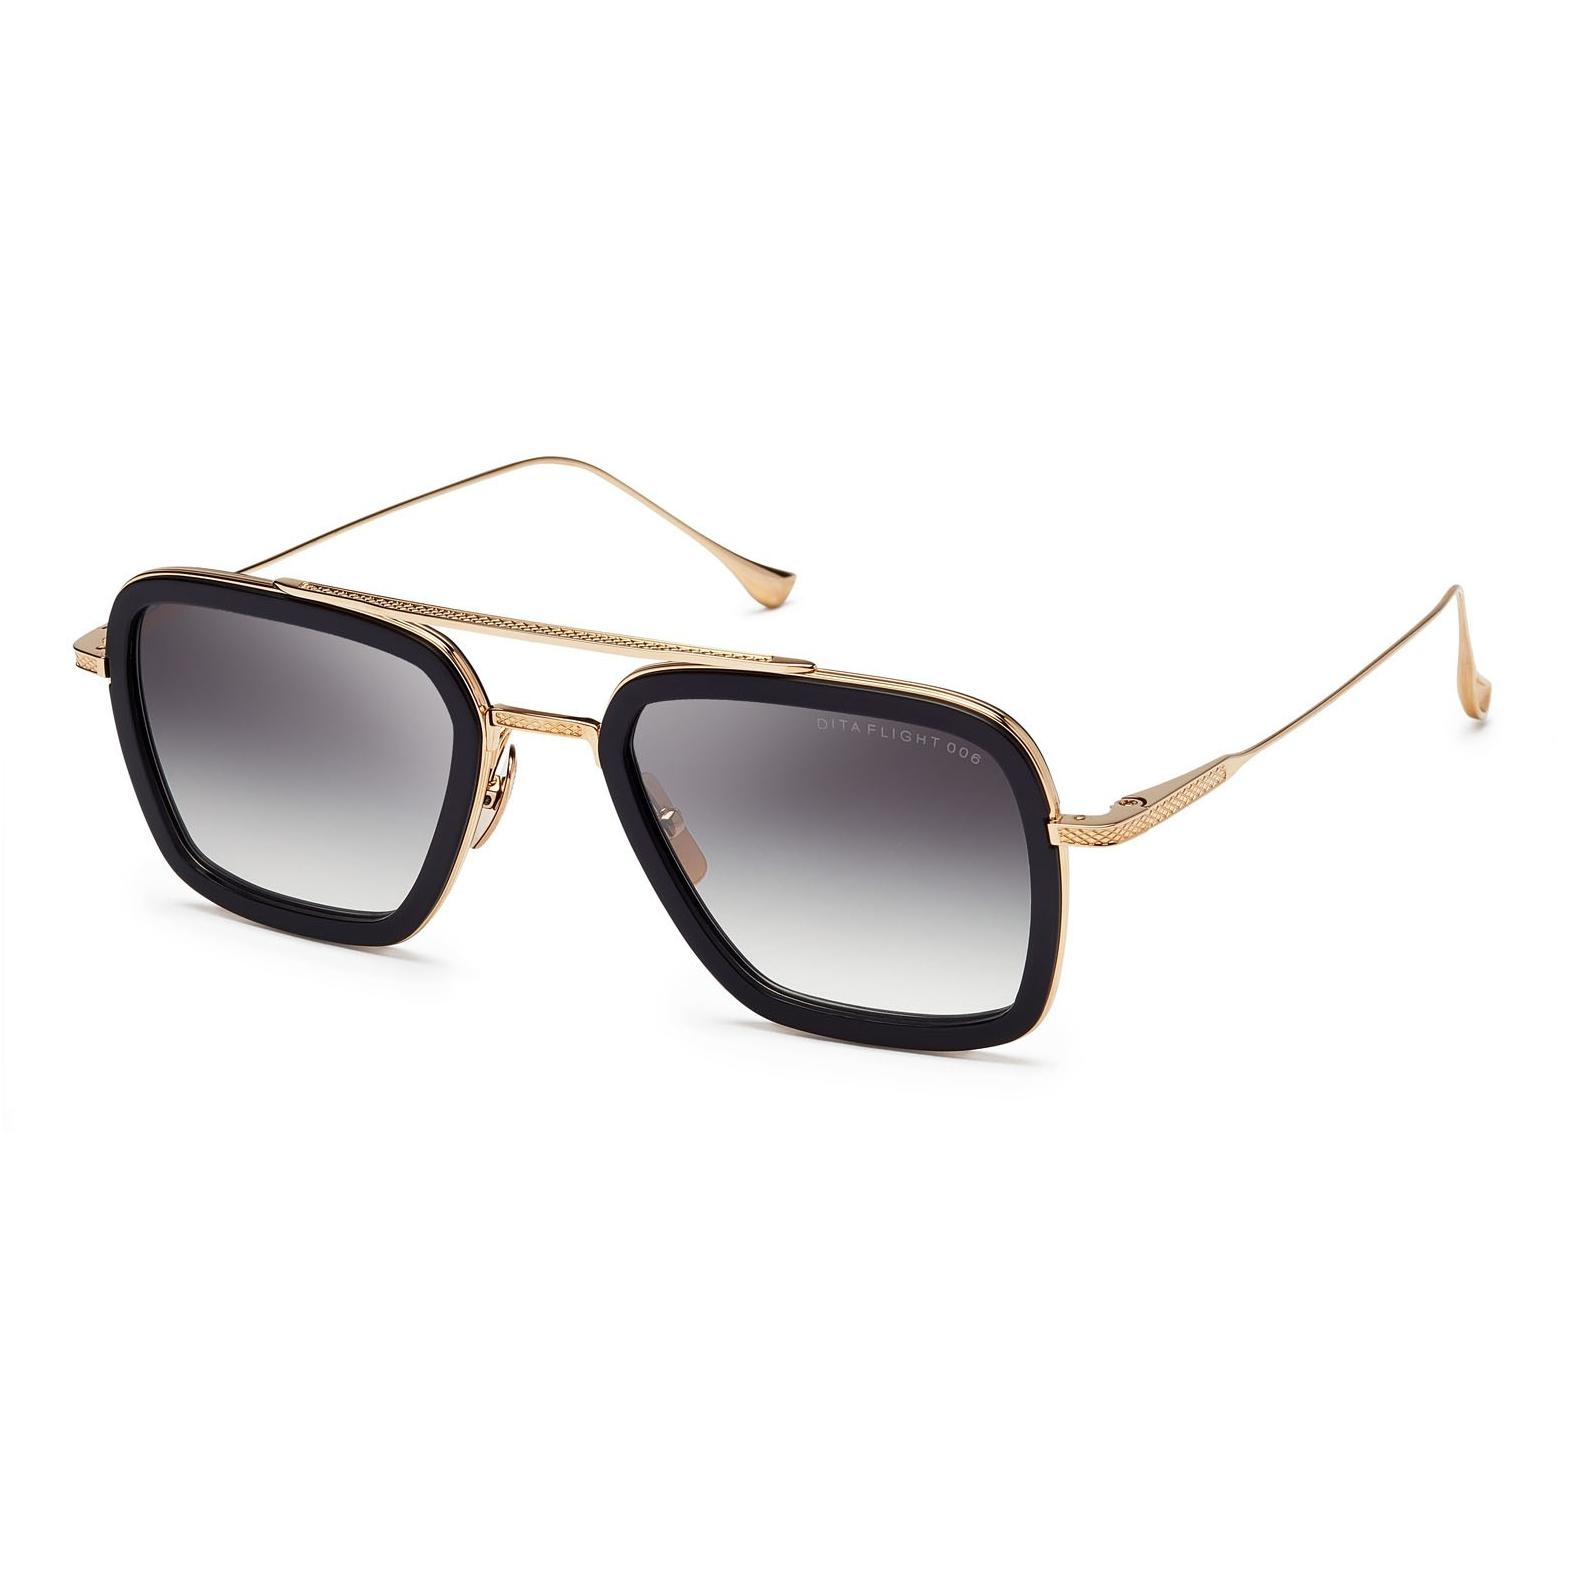 46458bc06b09e9 Shop DITA Flight 006 zonnebrillen - optiek Lammerant Deinze